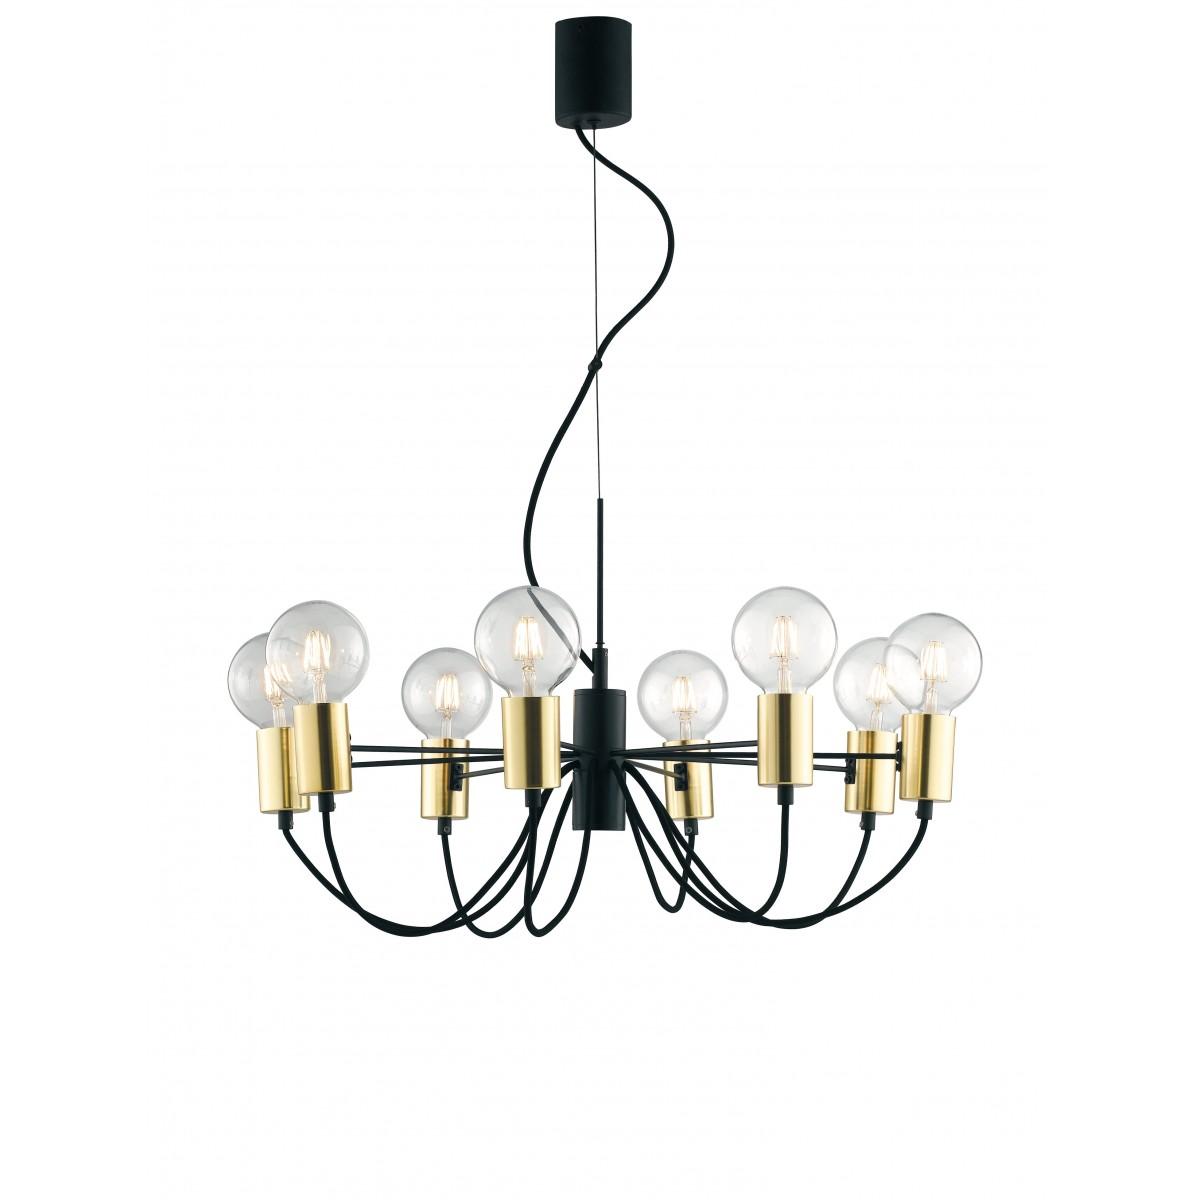 Creare Un Lampadario Di Stoffa lampadario a soffitto axon vintage sospensione con 8 porta lampade oro e  cavo in tessuto nero